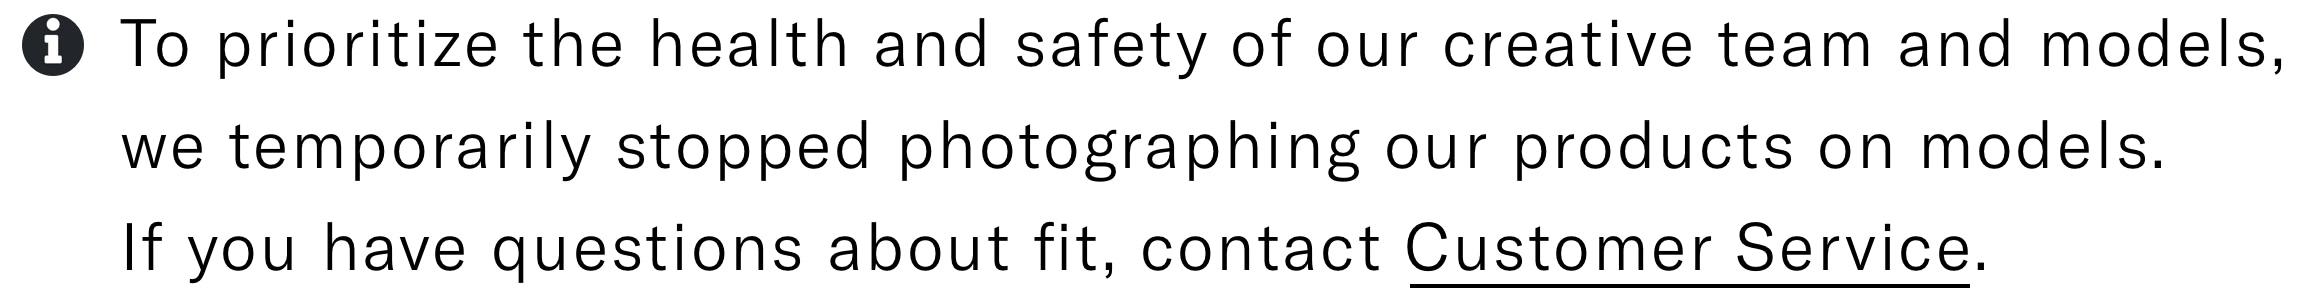 Model Safety Alert